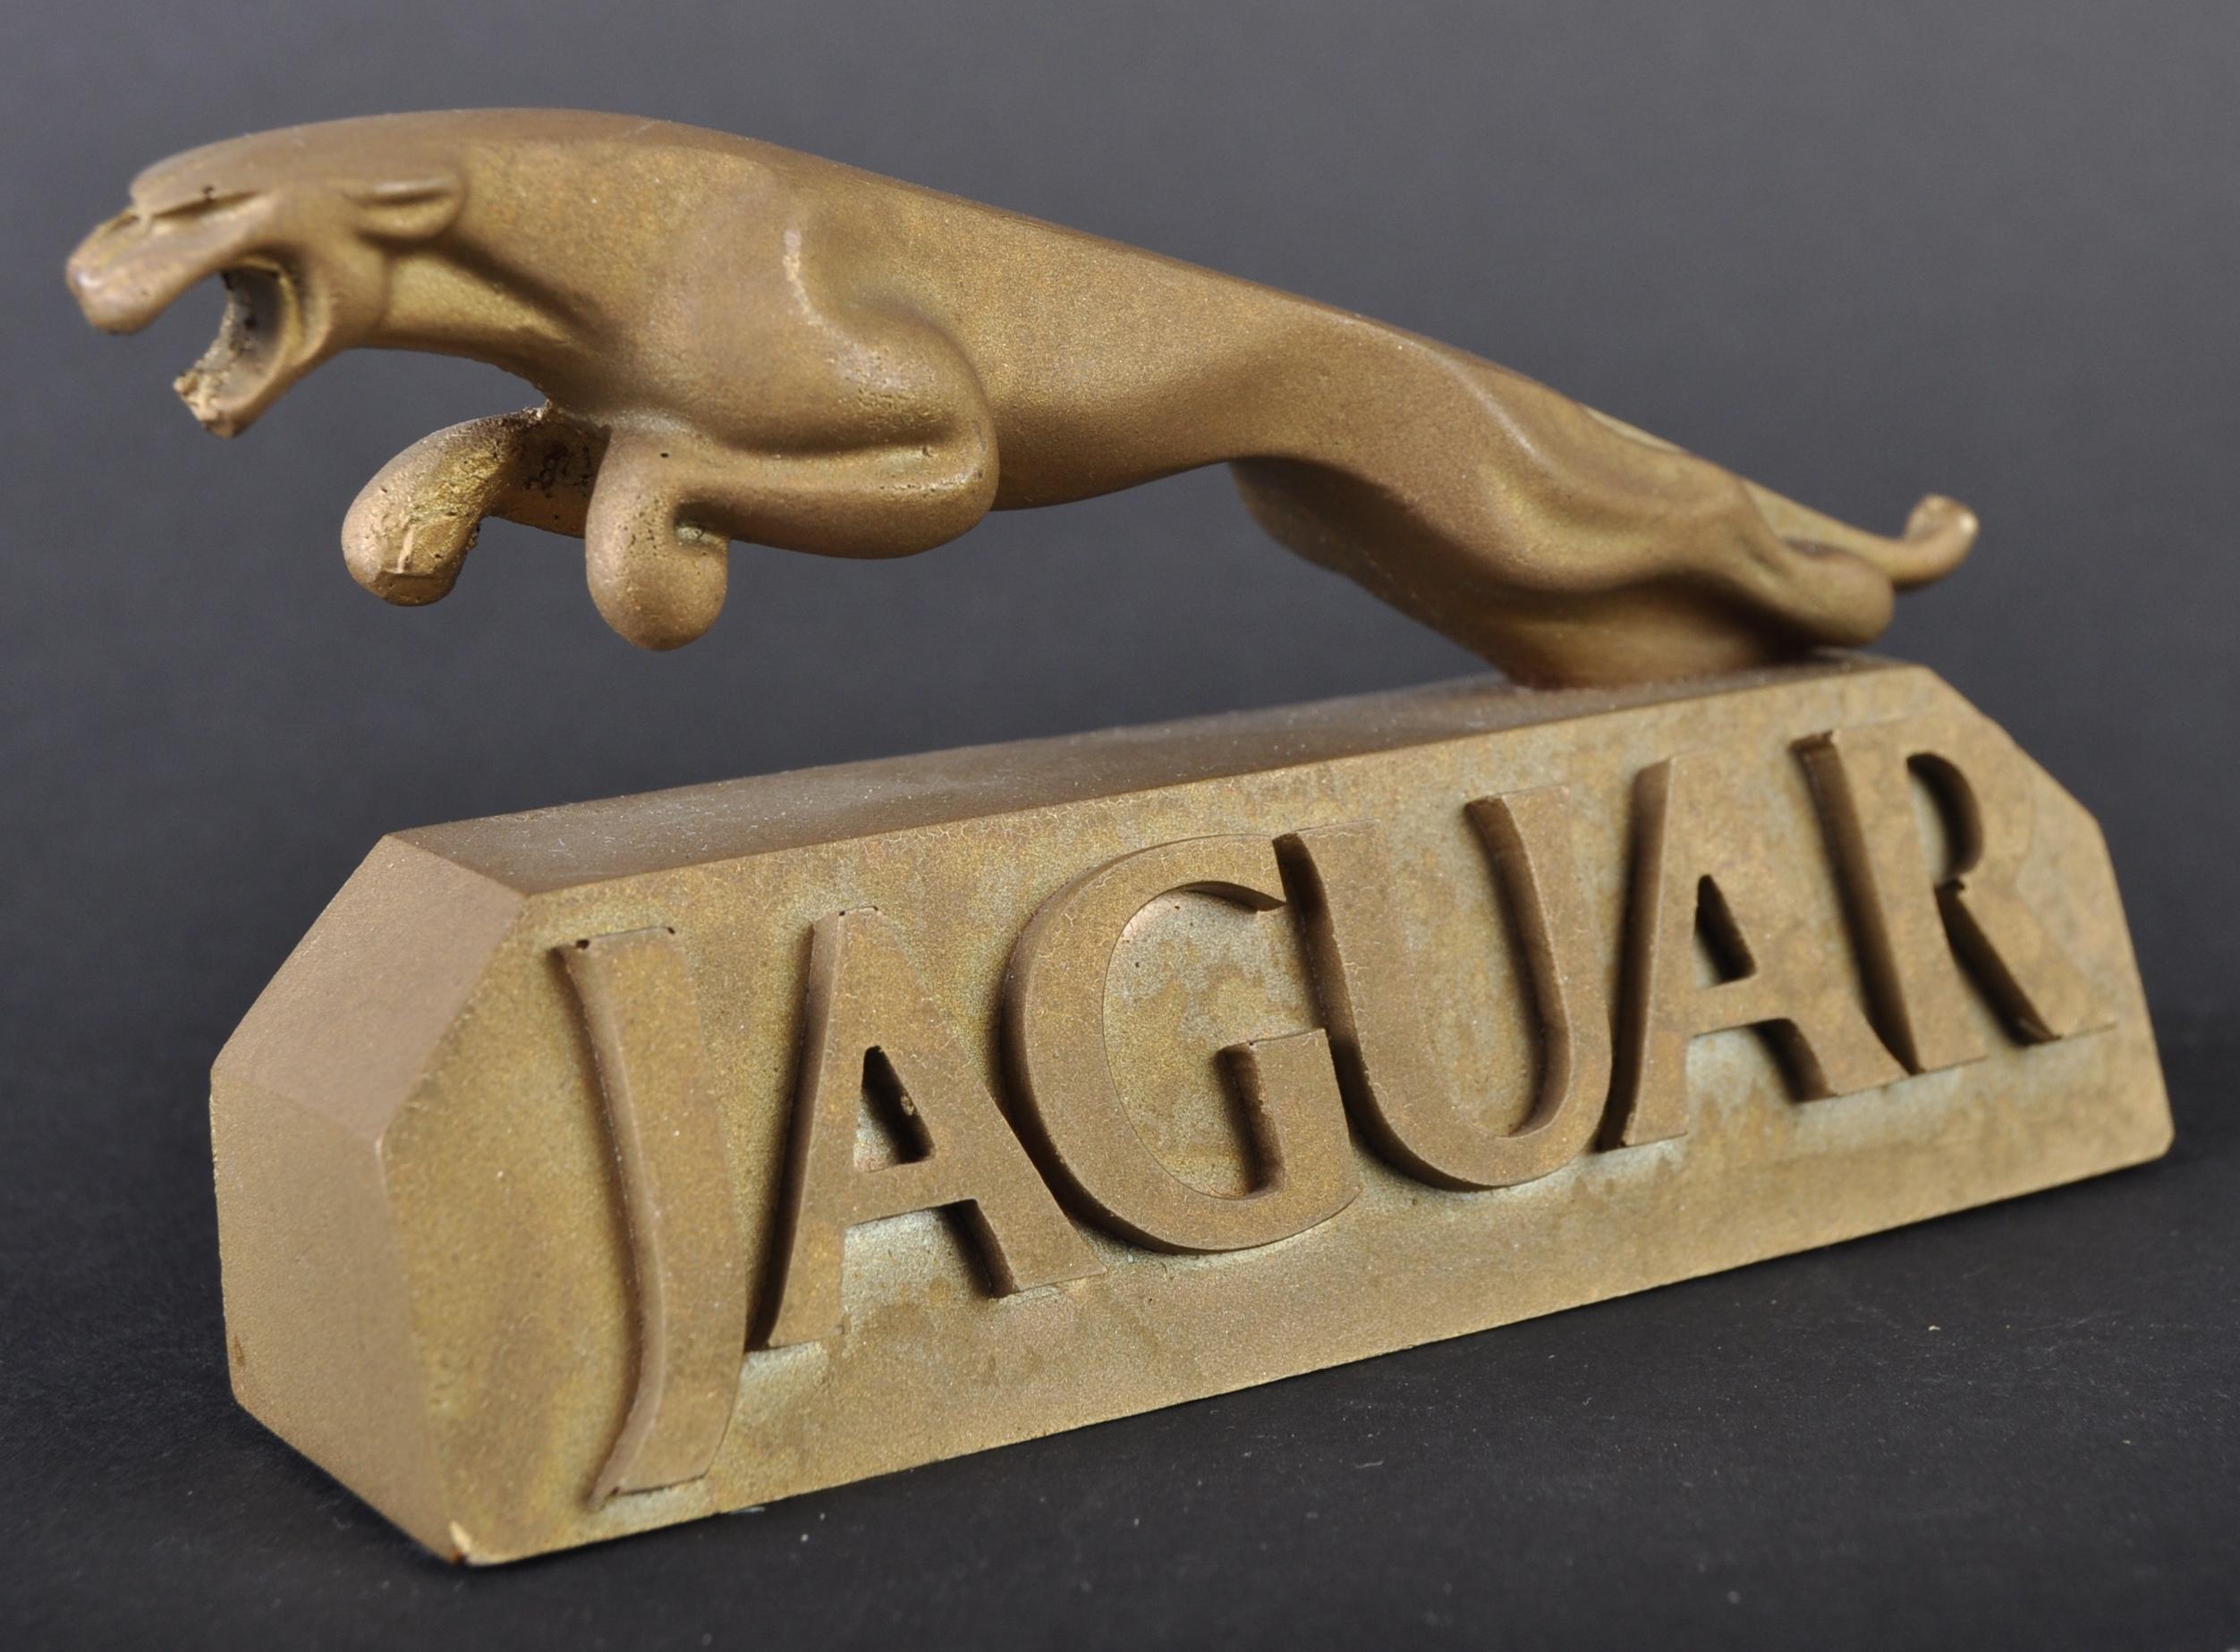 JAGUAR - UNUSUAL SHOWROOM RESIN JAGUAR MASCOT DISPLAY